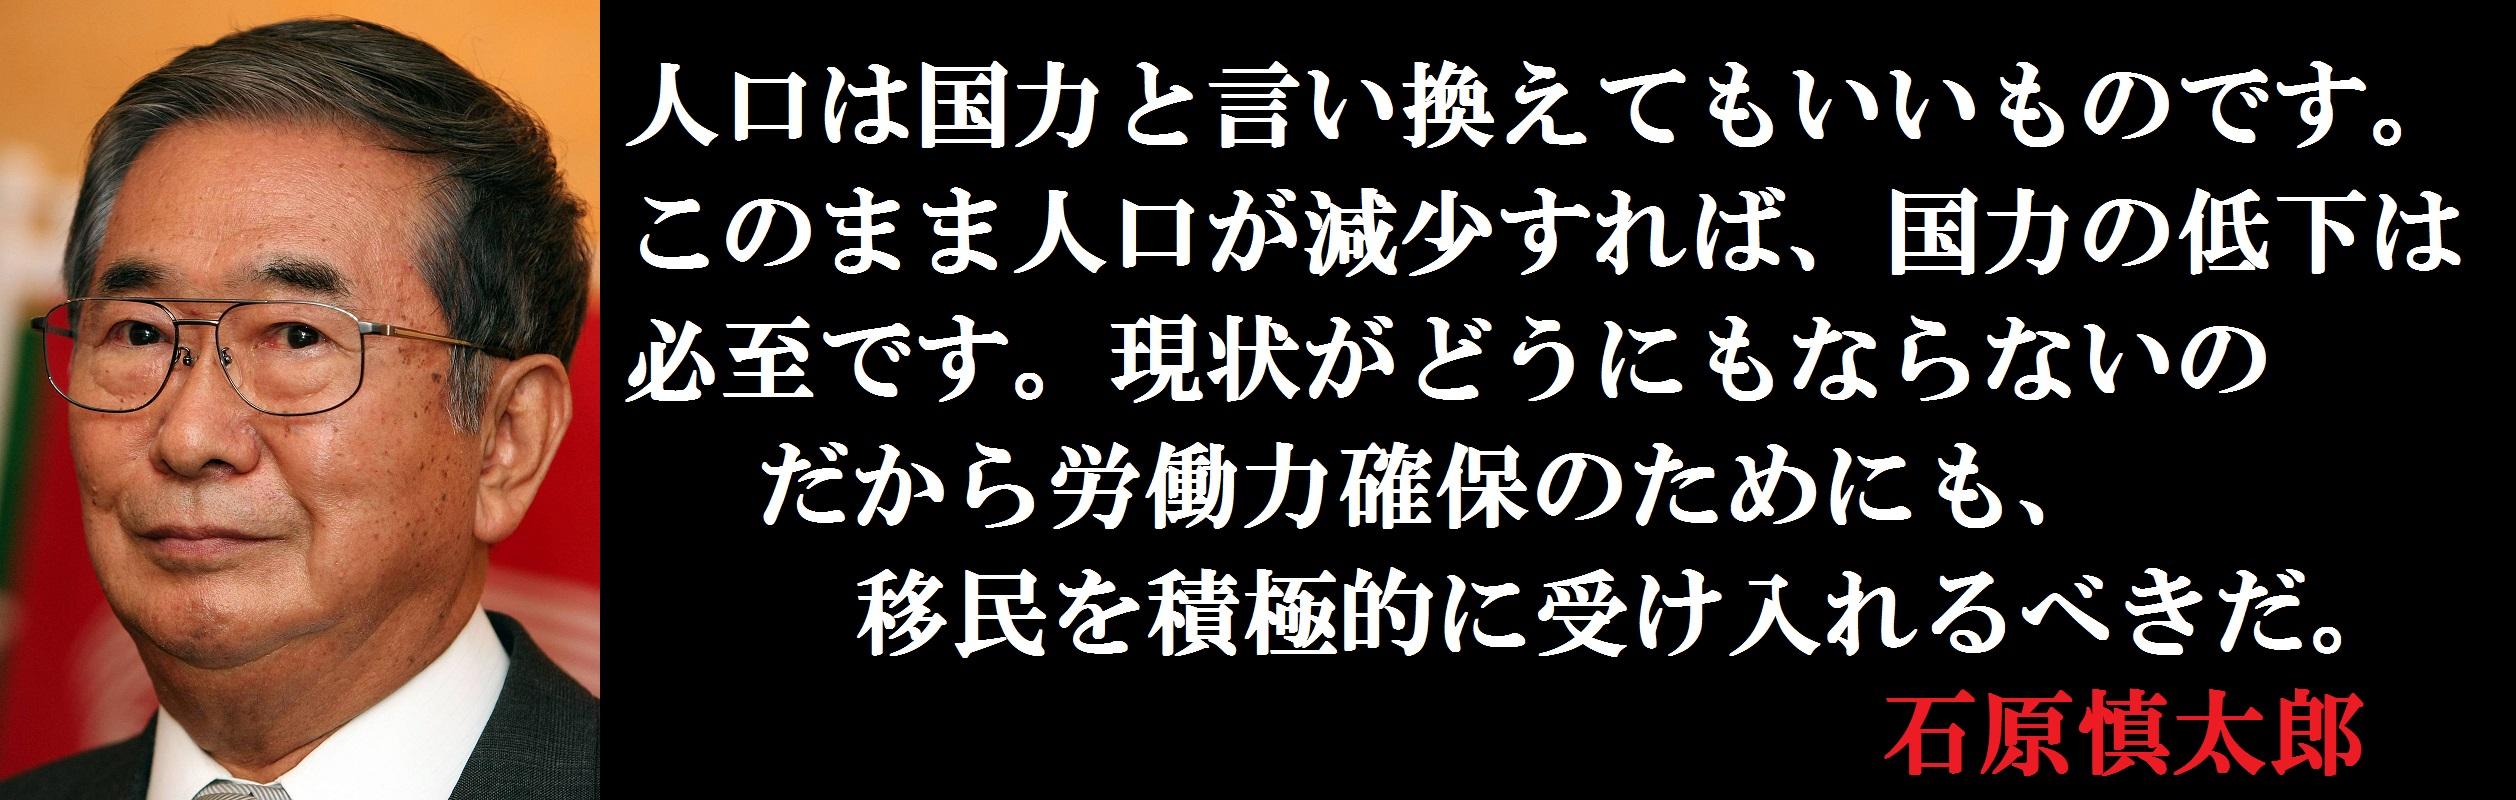 f:id:JAPbuster:20160911133412j:plain